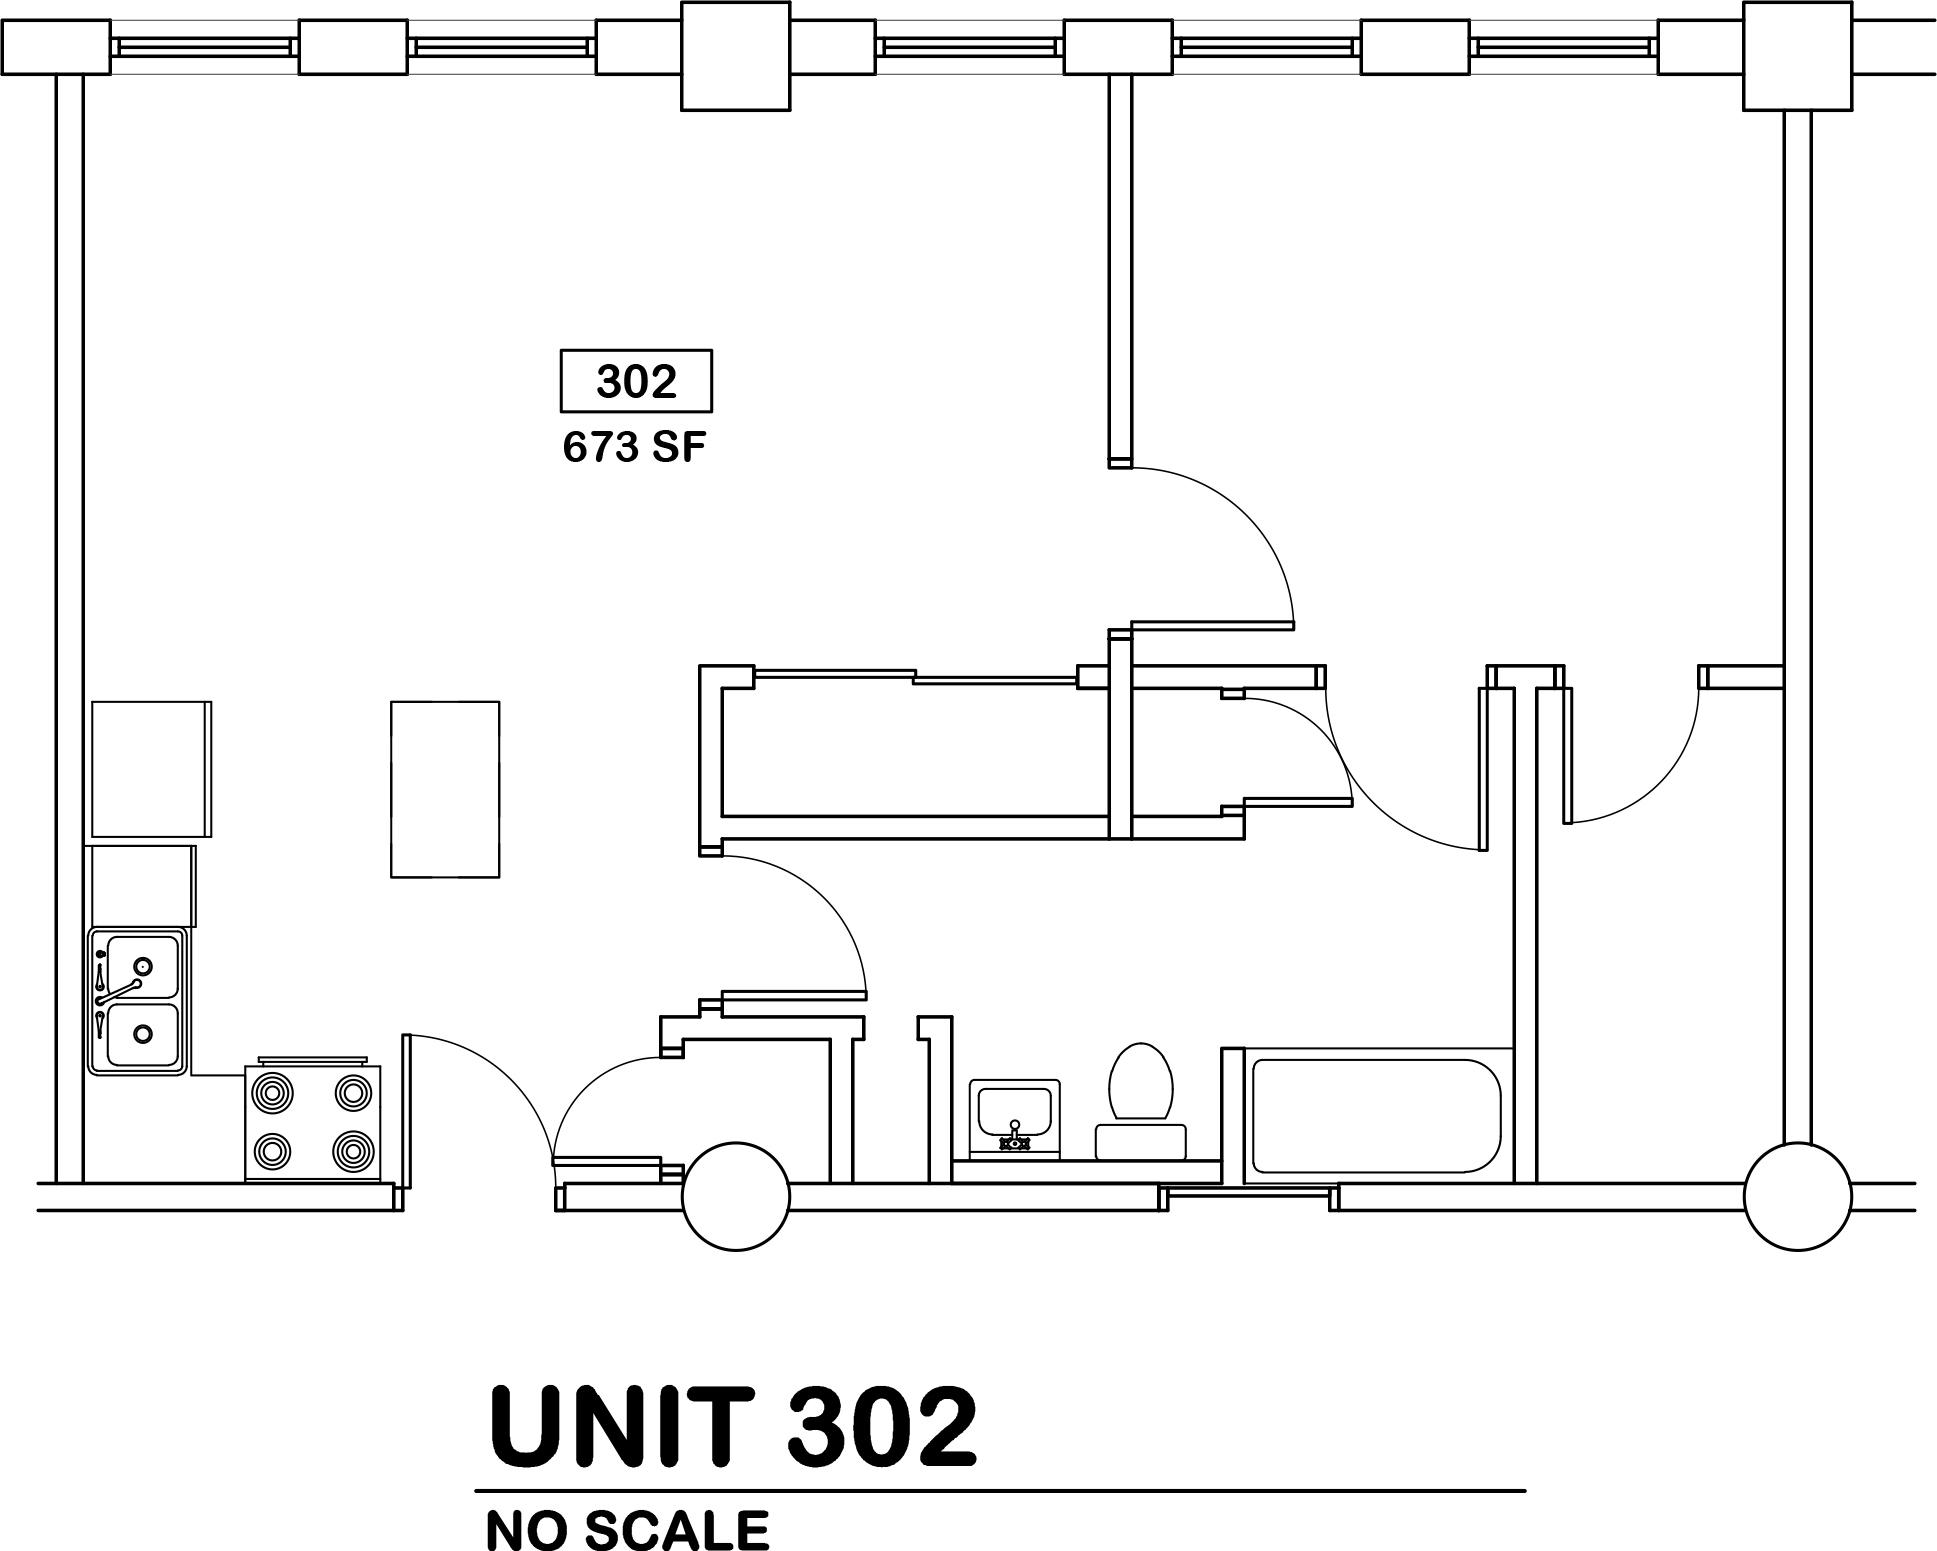 1 bed / 1 bath   $725 / 673 sq ft